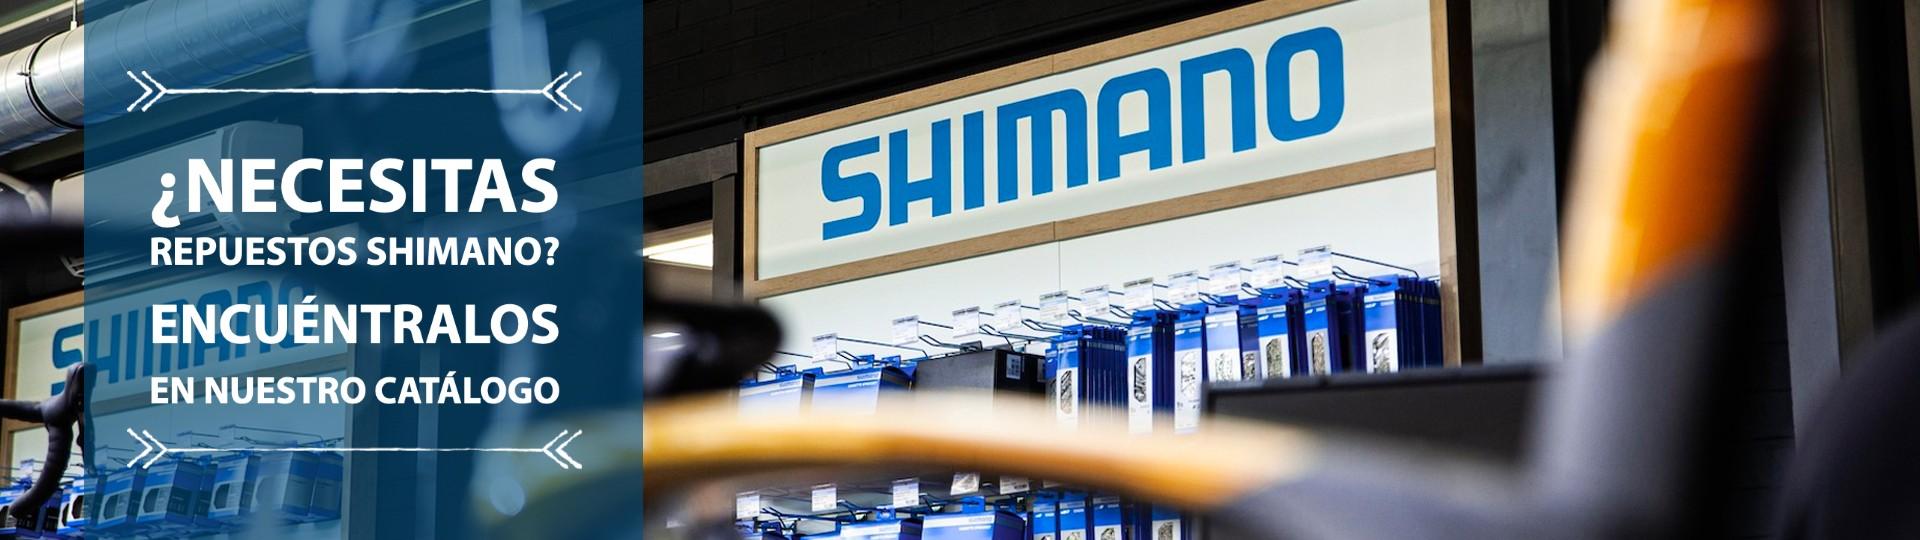 DISTRIBUIDOR SHIMANO